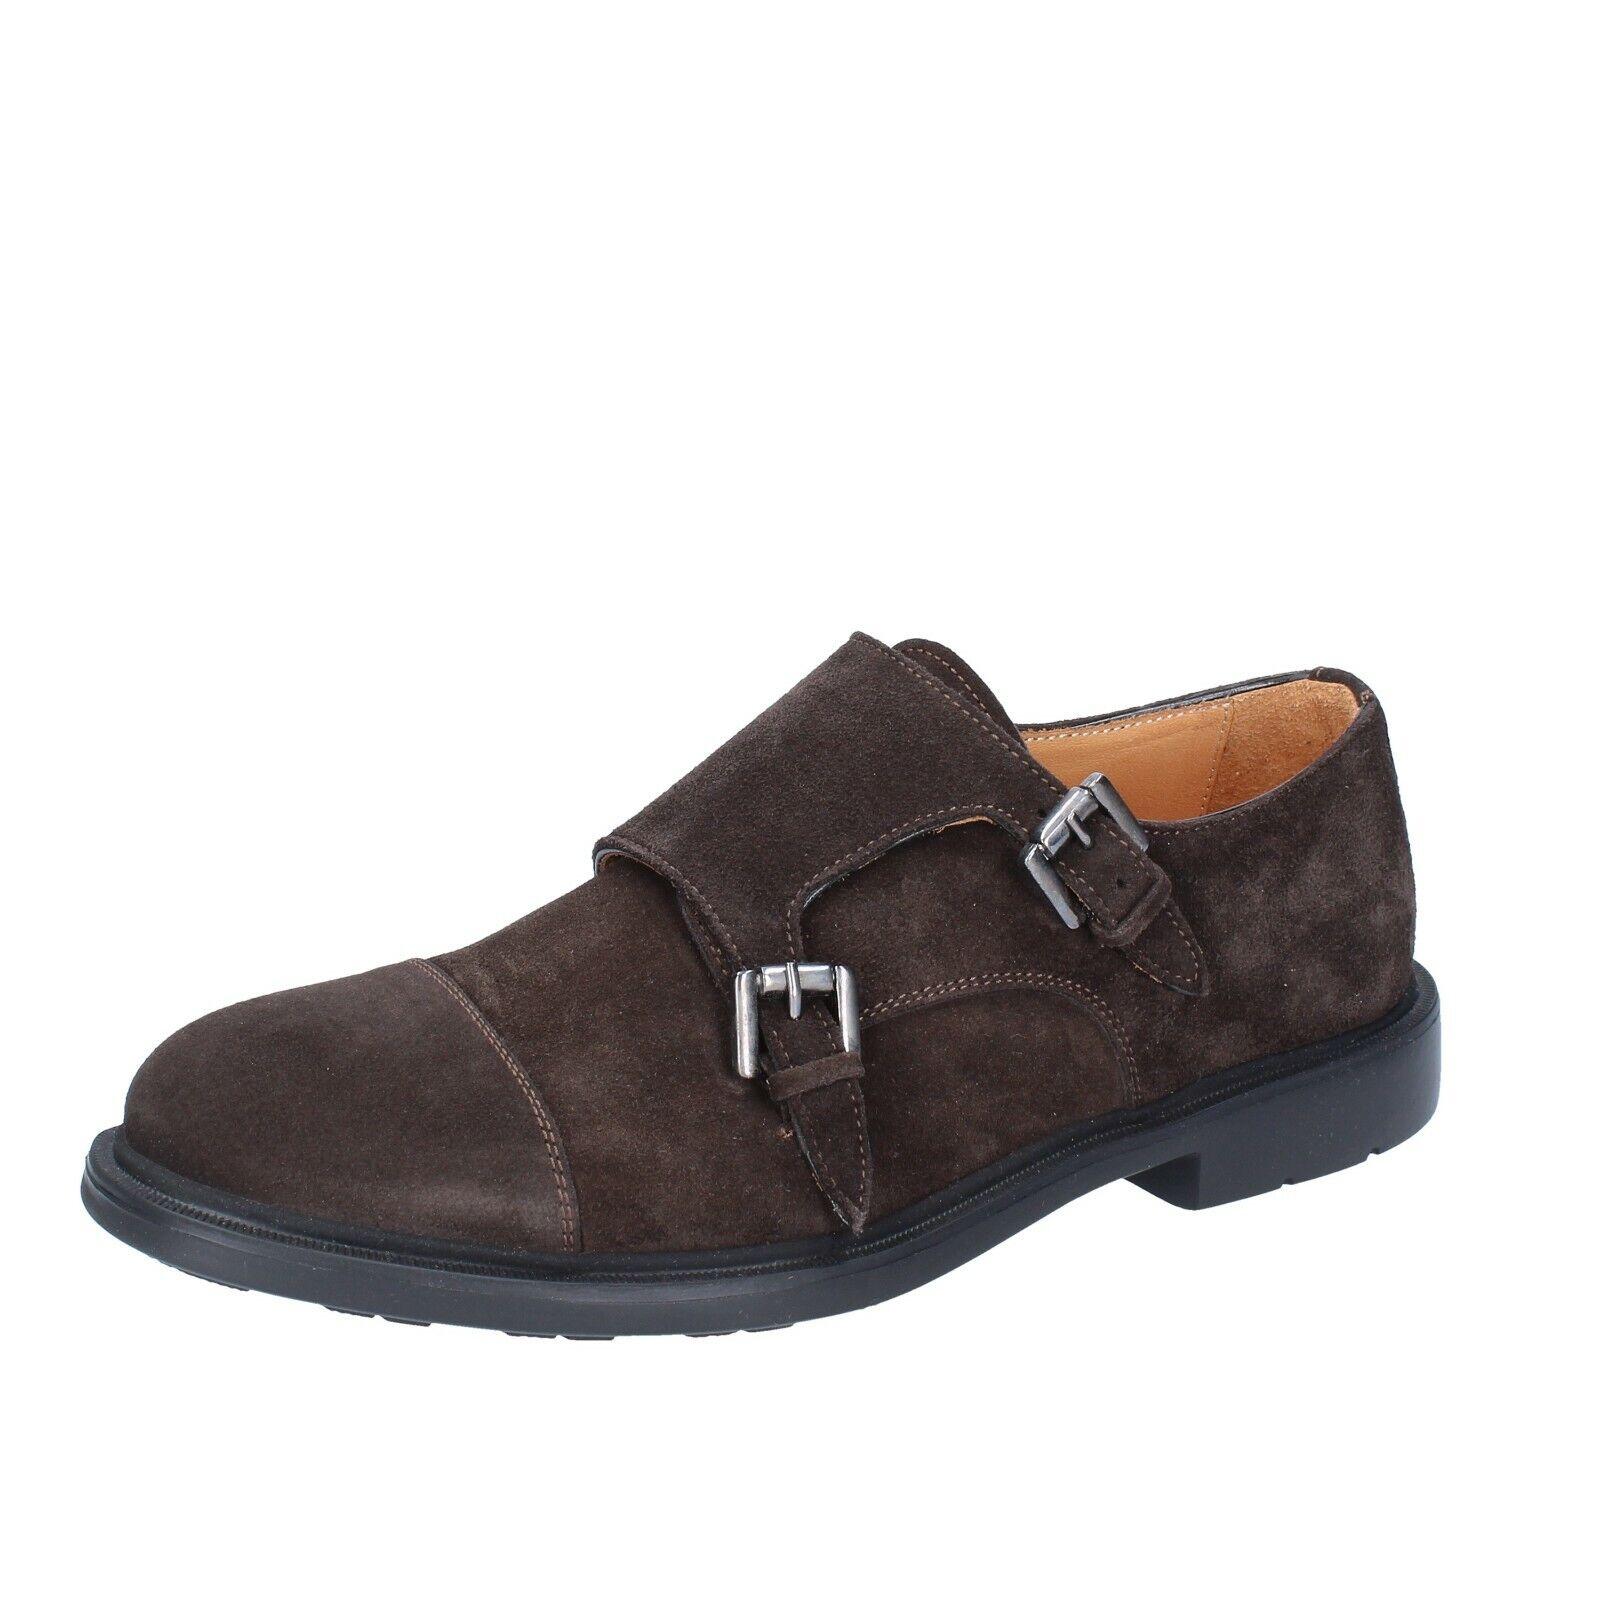 Para Hombres Zapatos ZENITH 10 (UE 43) ante marrón elegante BS616-43